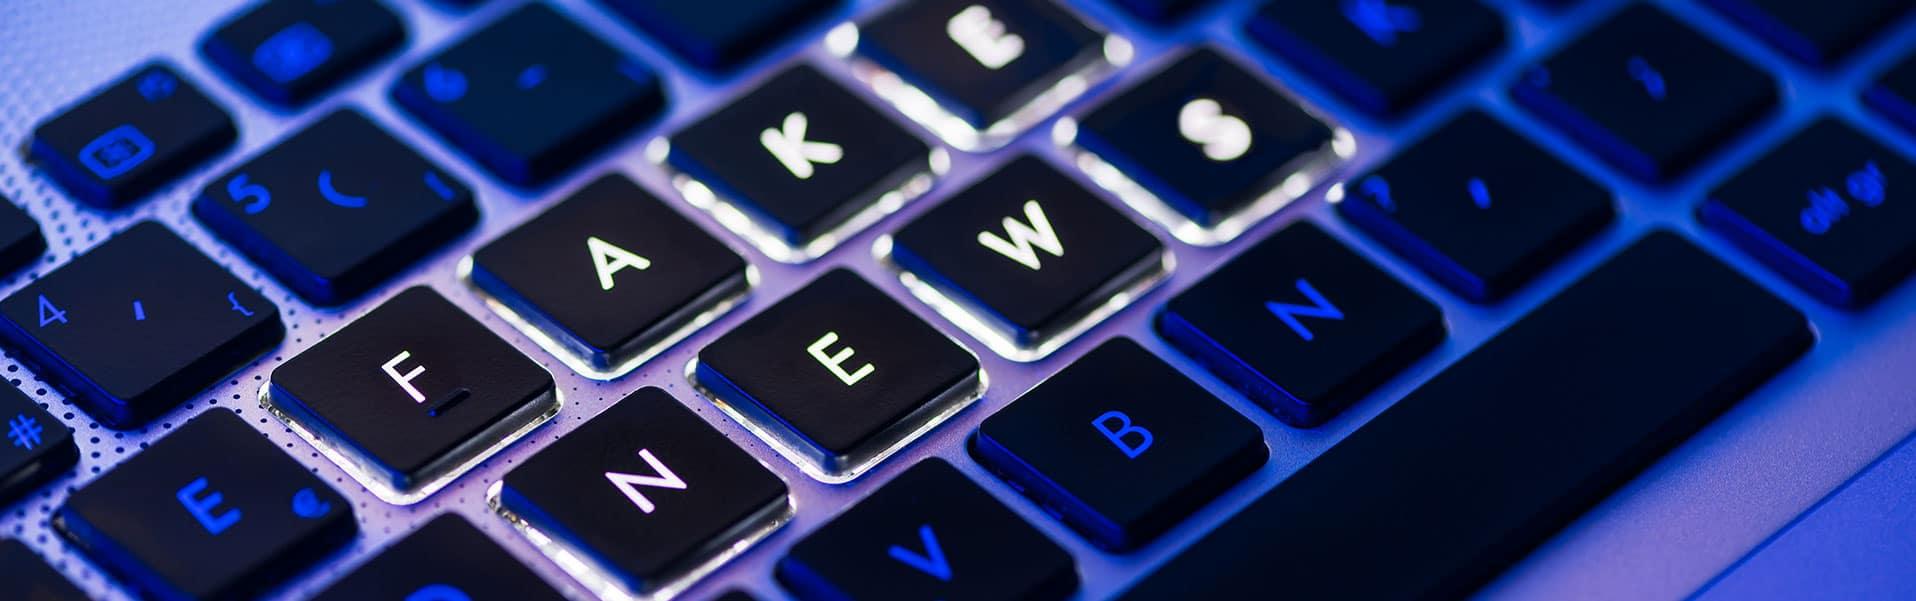 Fake news, rumorología y posverdad: la ciberseguridad en la era de la desinformación